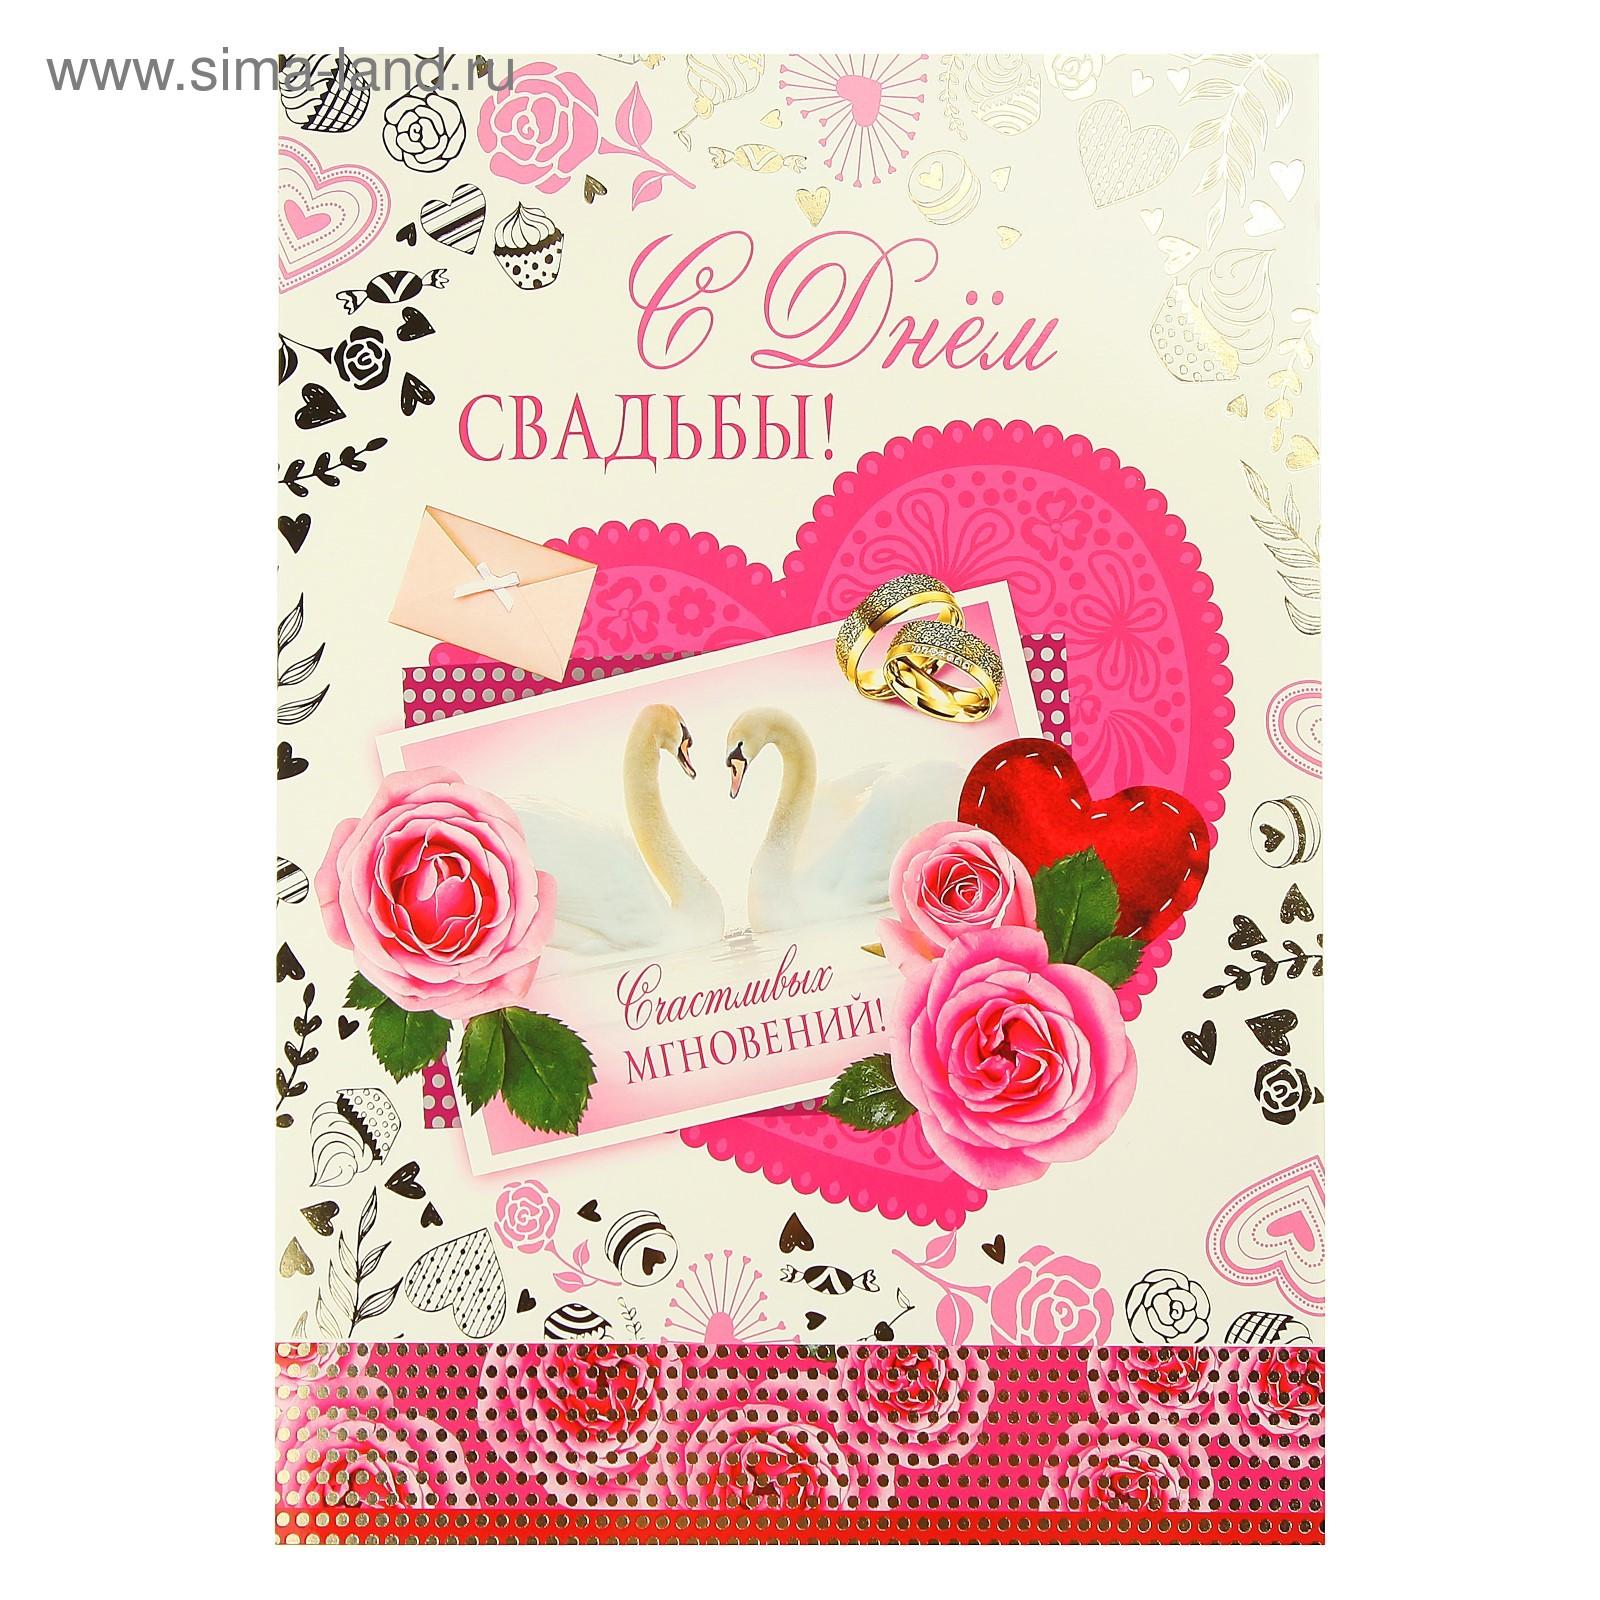 Открытка с днем свадьбы екатеринбург, сделать однокласснице открытку